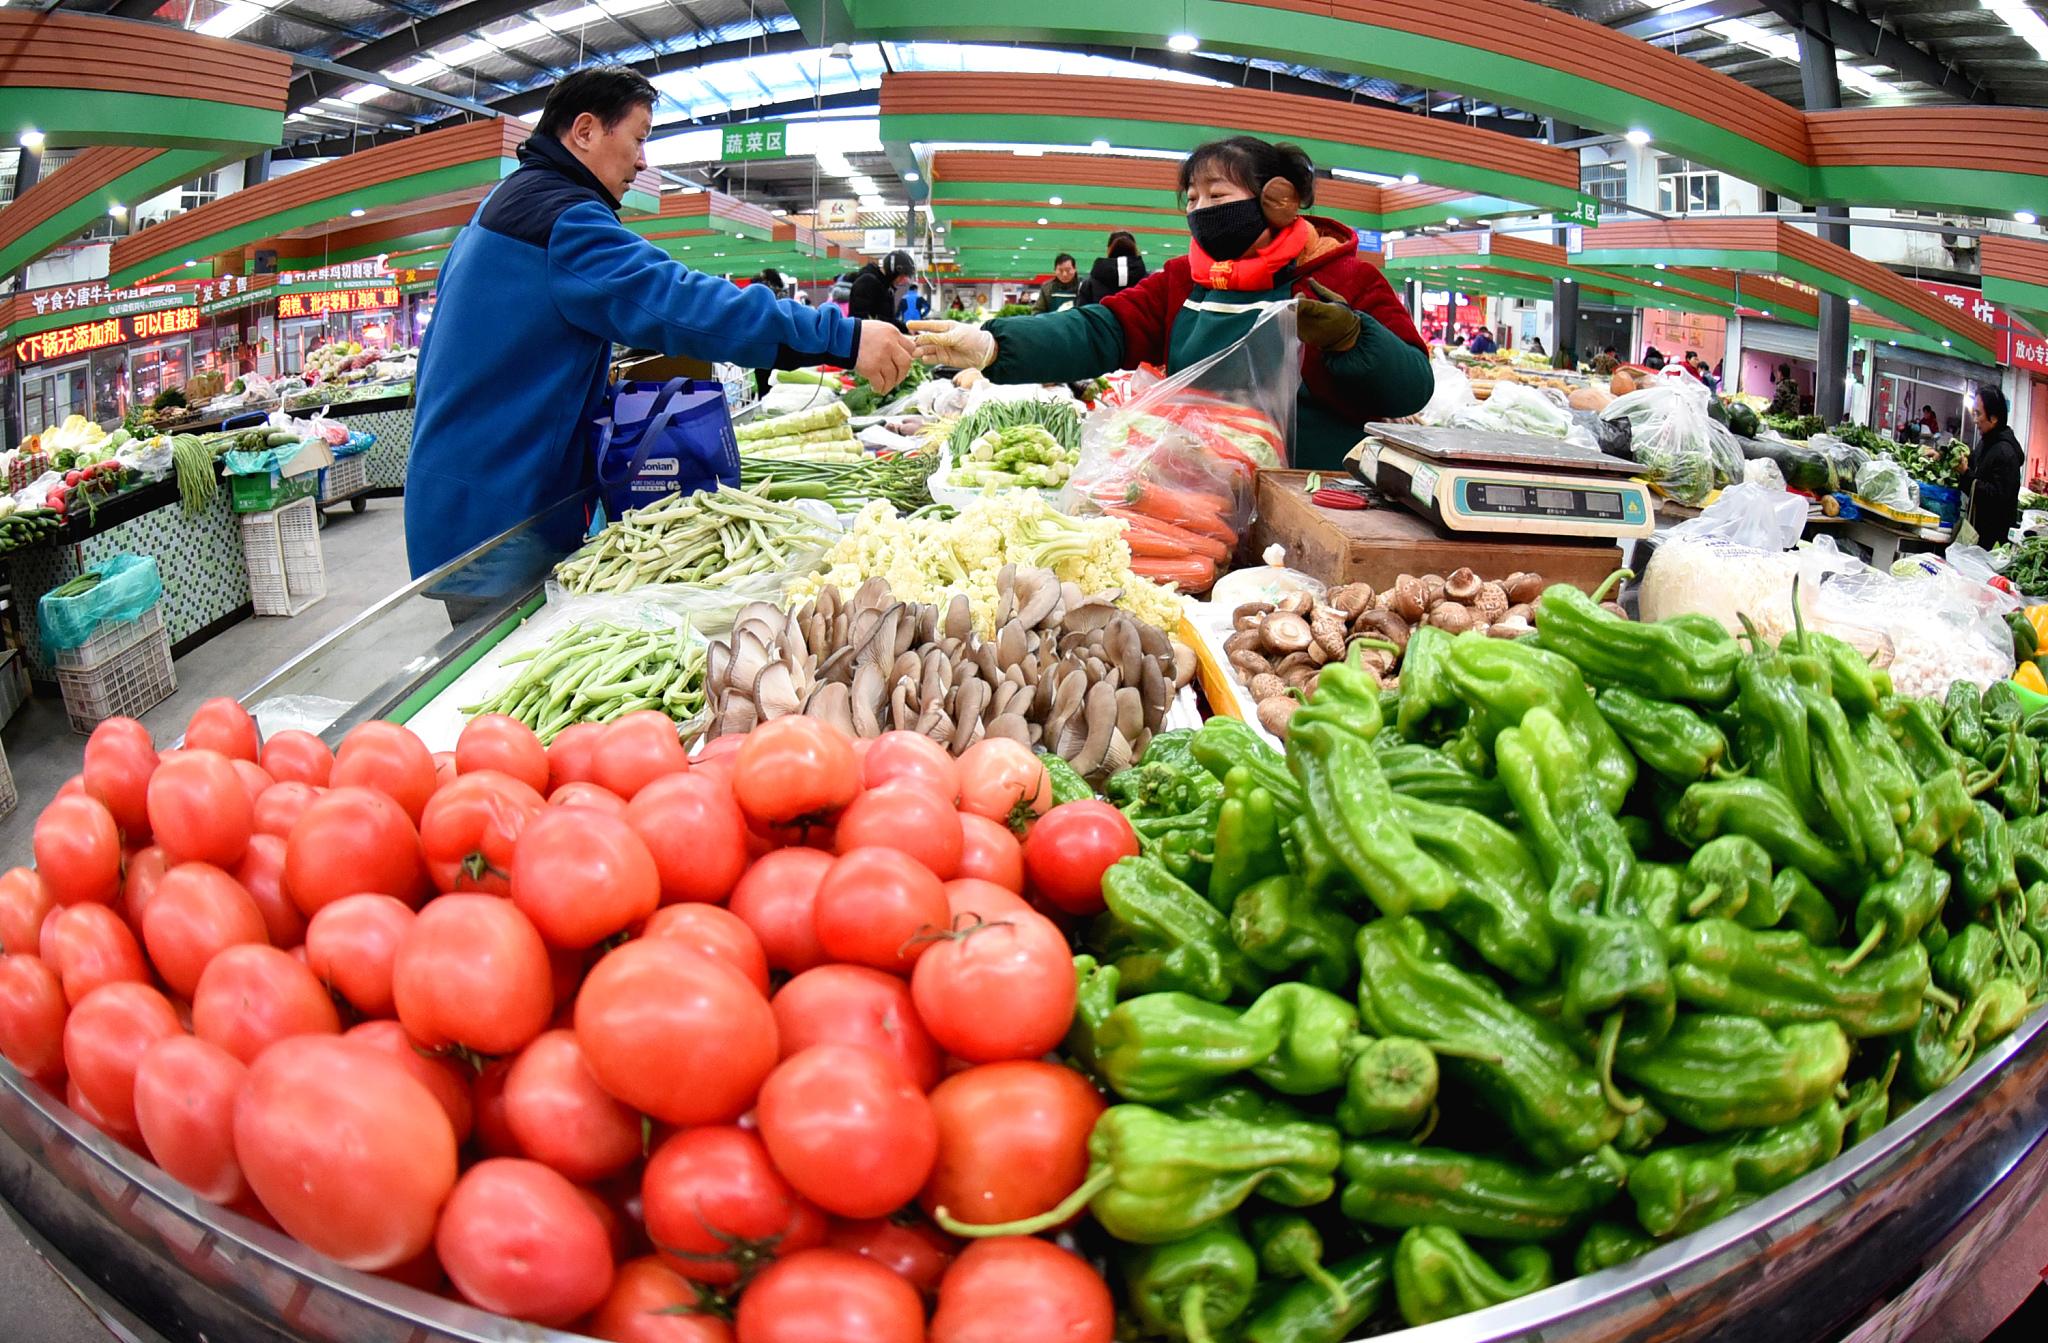 2020年12月9日,居民在江苏连云港市海州区一家农贸市场选购蔬菜。